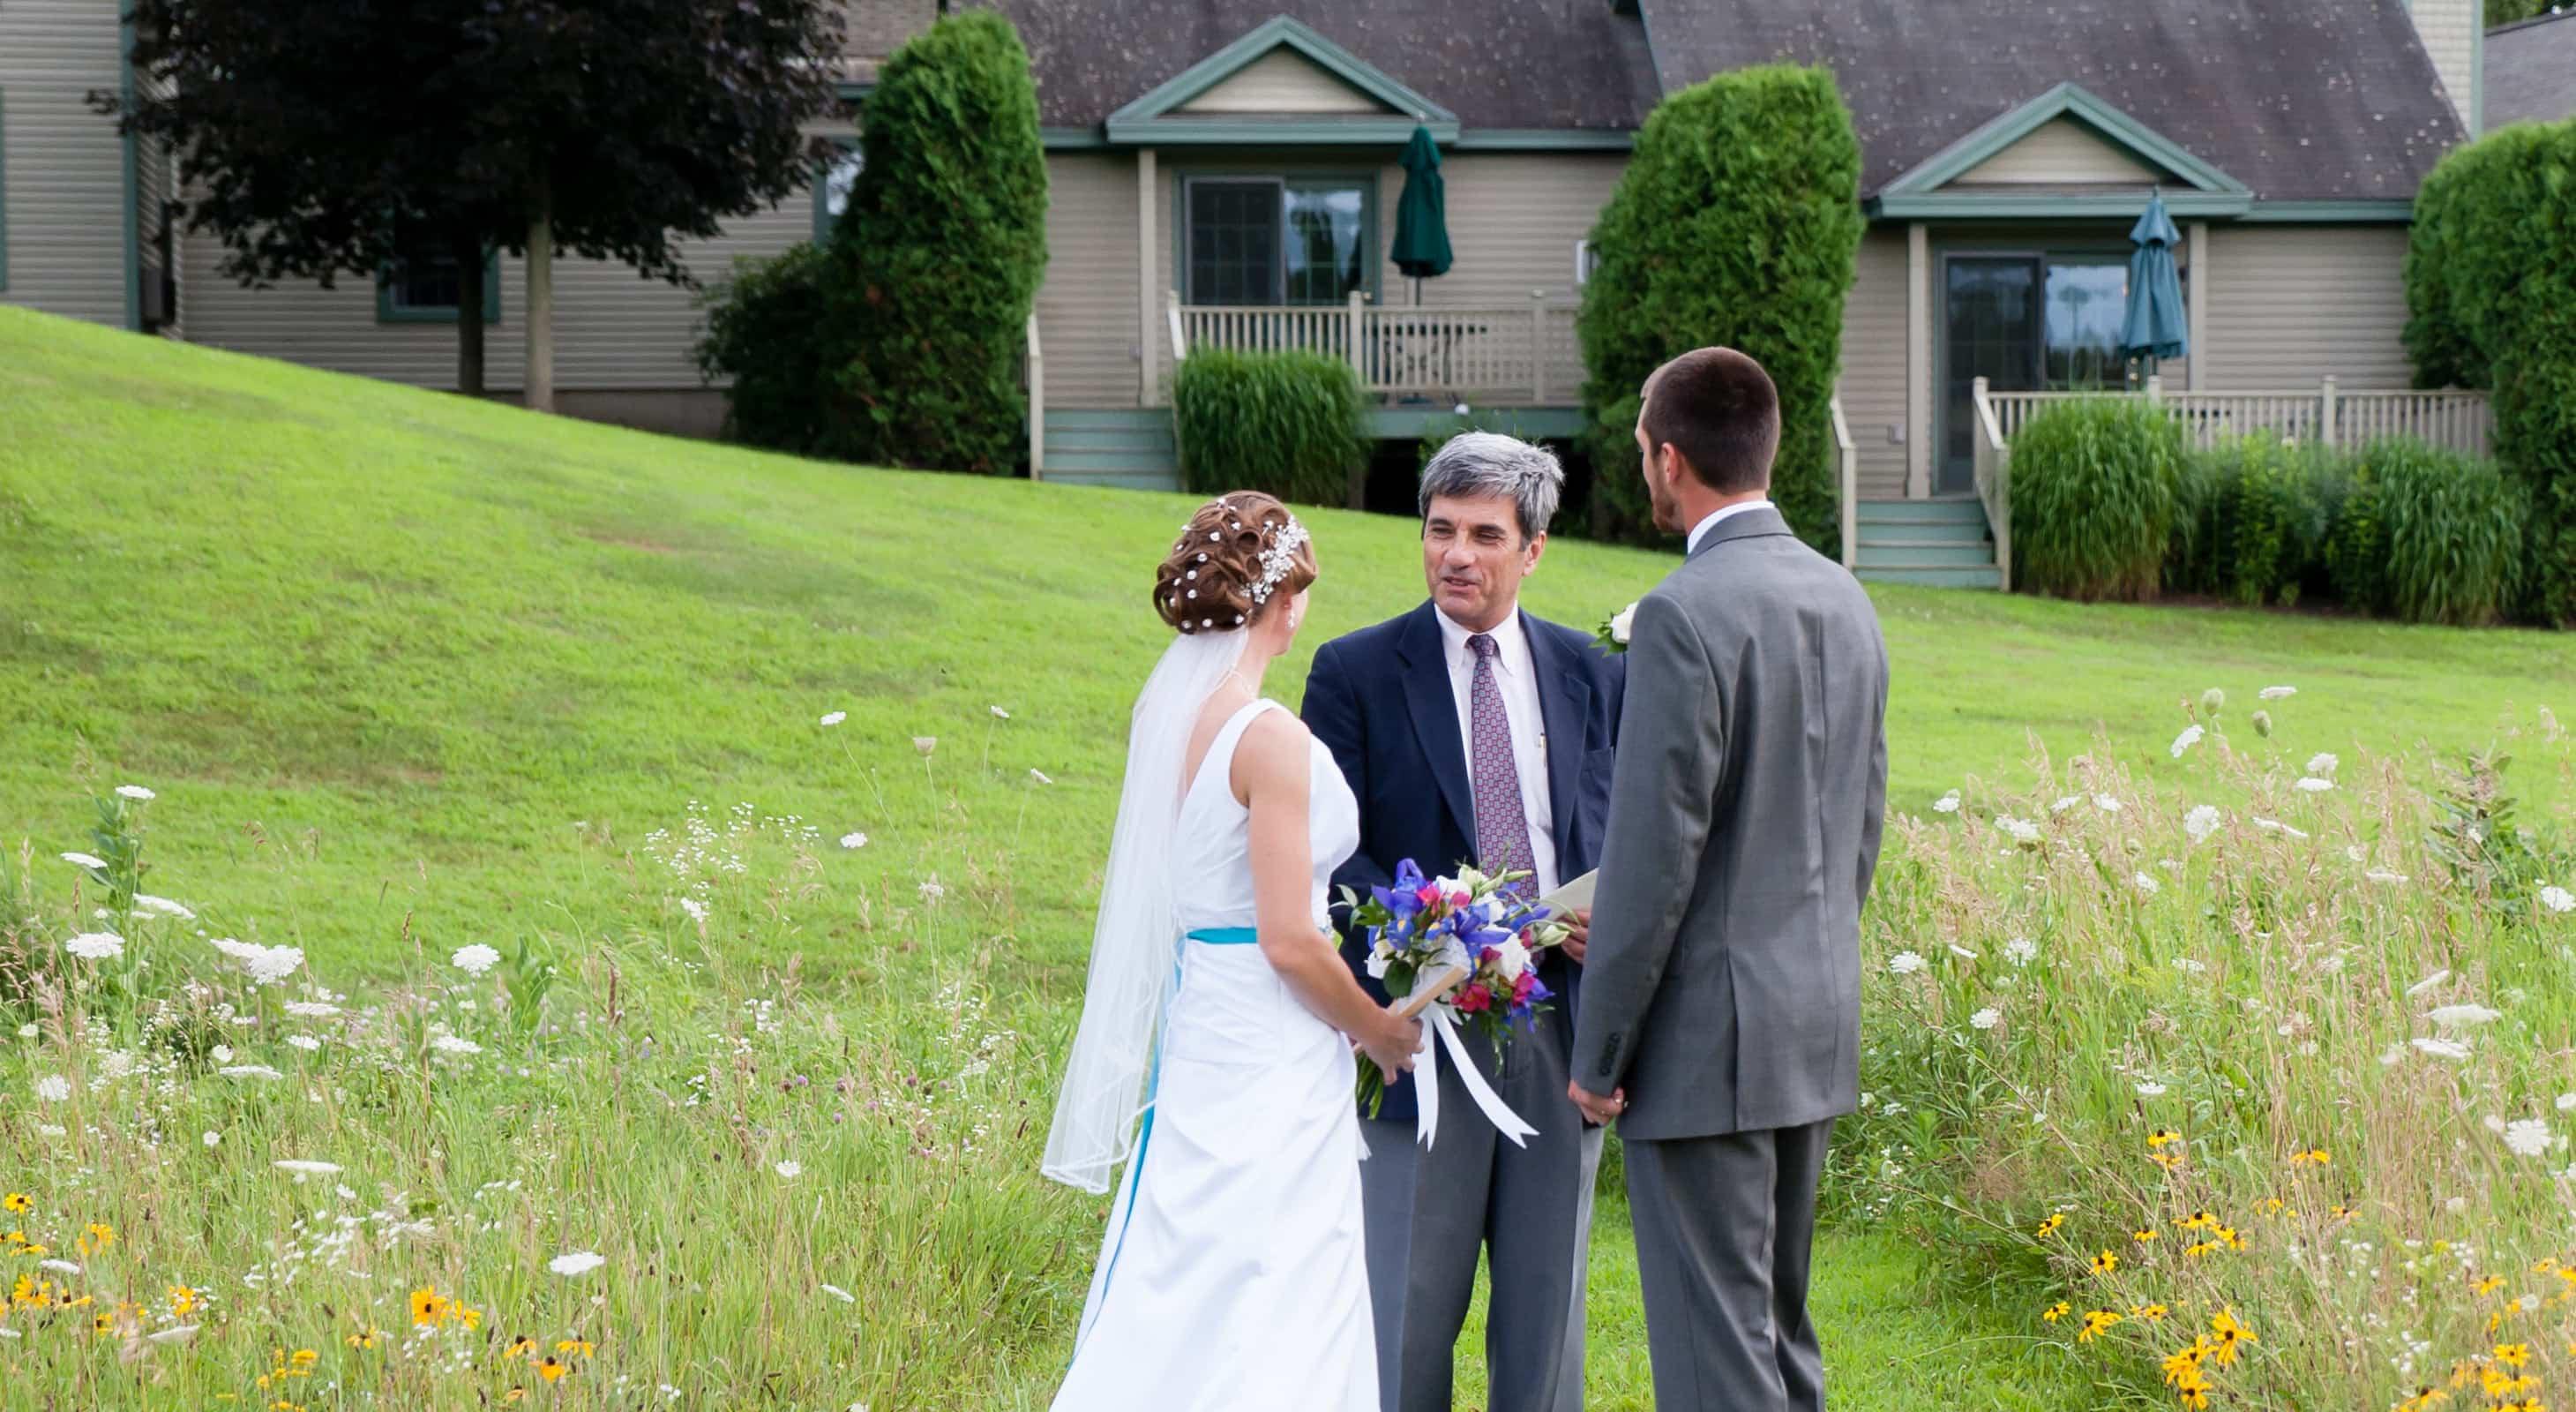 Simple Wedding Ceremony